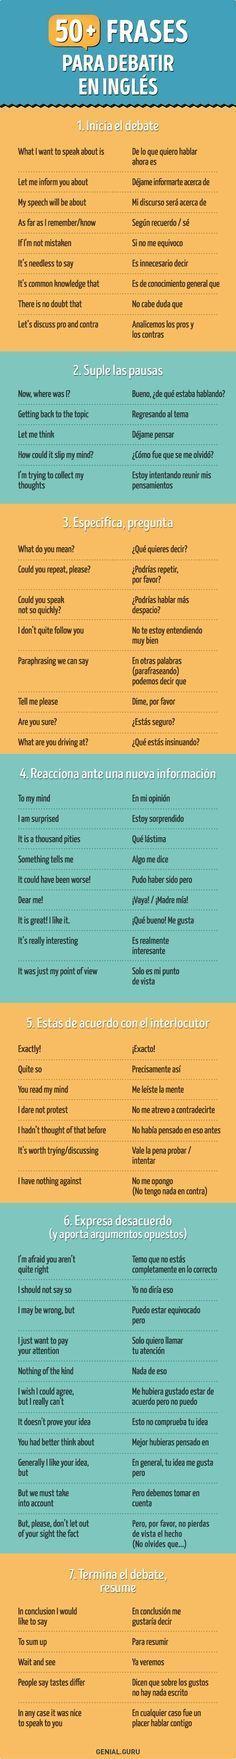 50+ Frases en inglés para que te luzcas en cualquier conversación